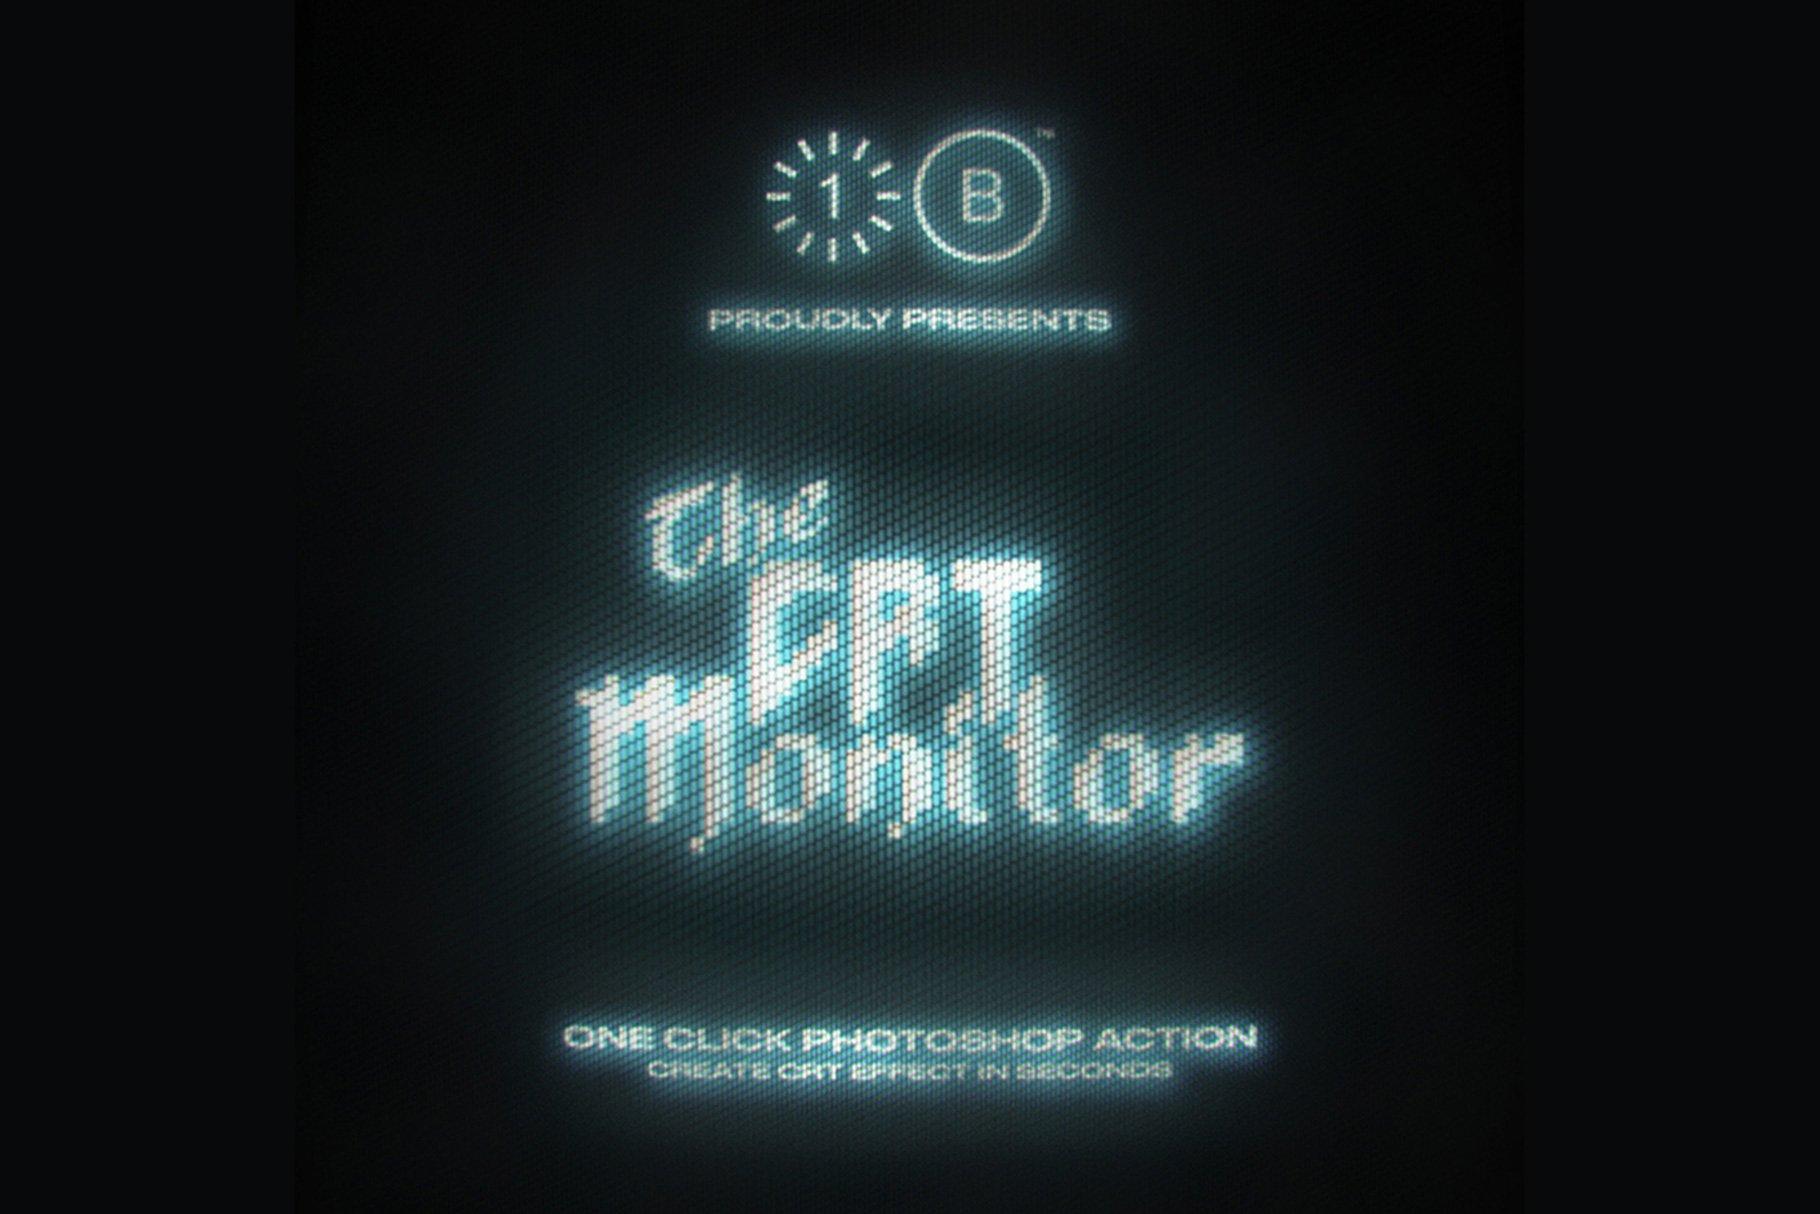 [单独购买] 潮流像素点霓虹CRT显示效果文字图形设计一键式PS动作模板 The CRT Monitor – One Click插图